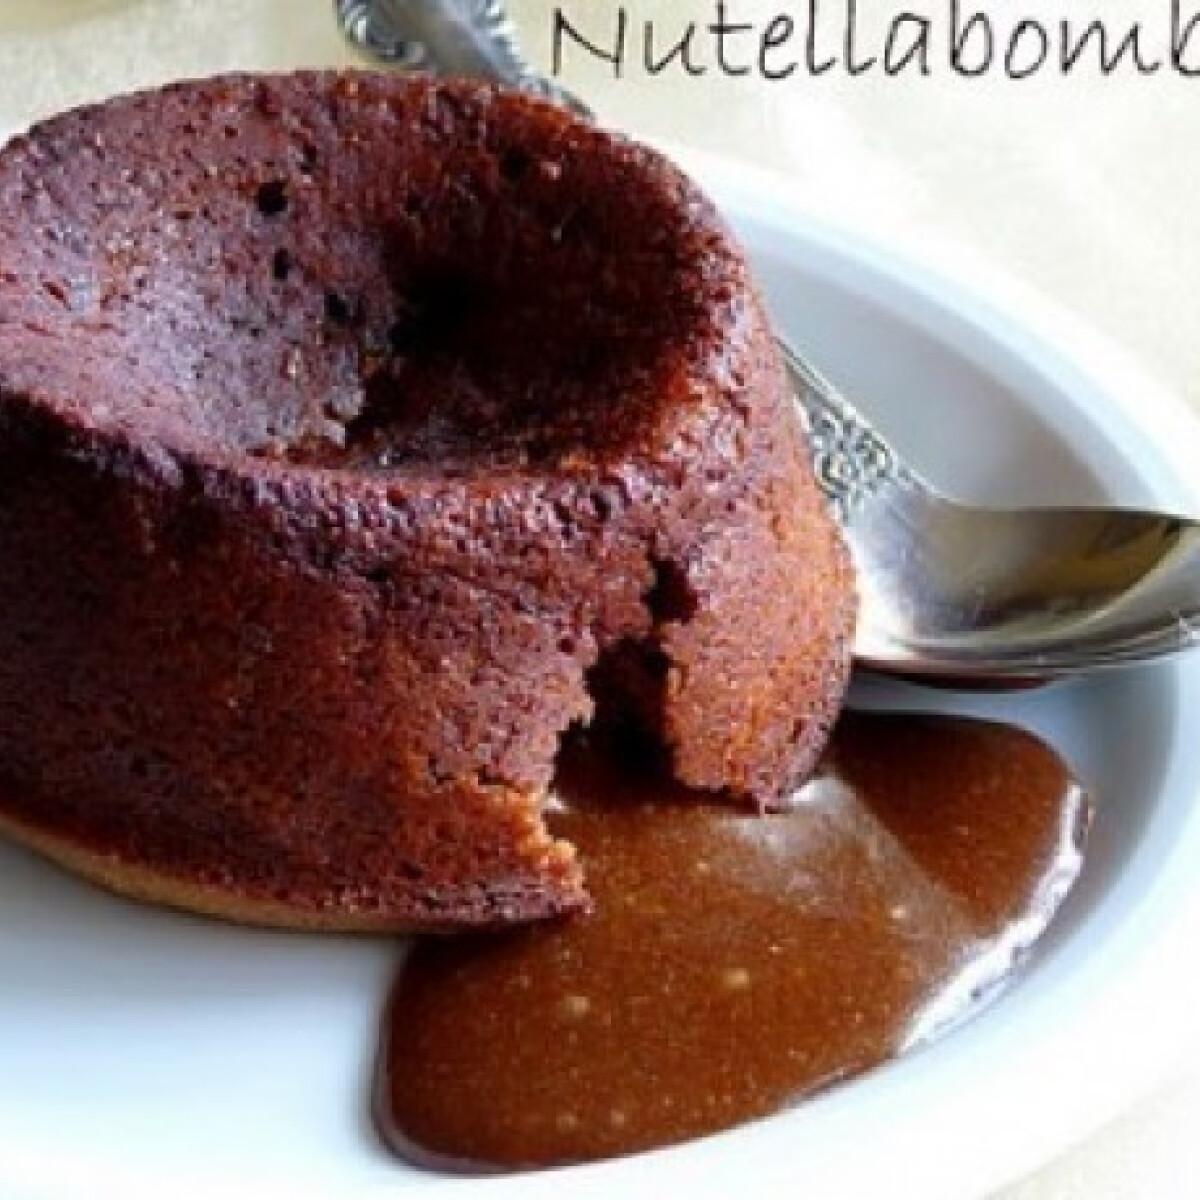 Ezen a képen: Nutellabomba